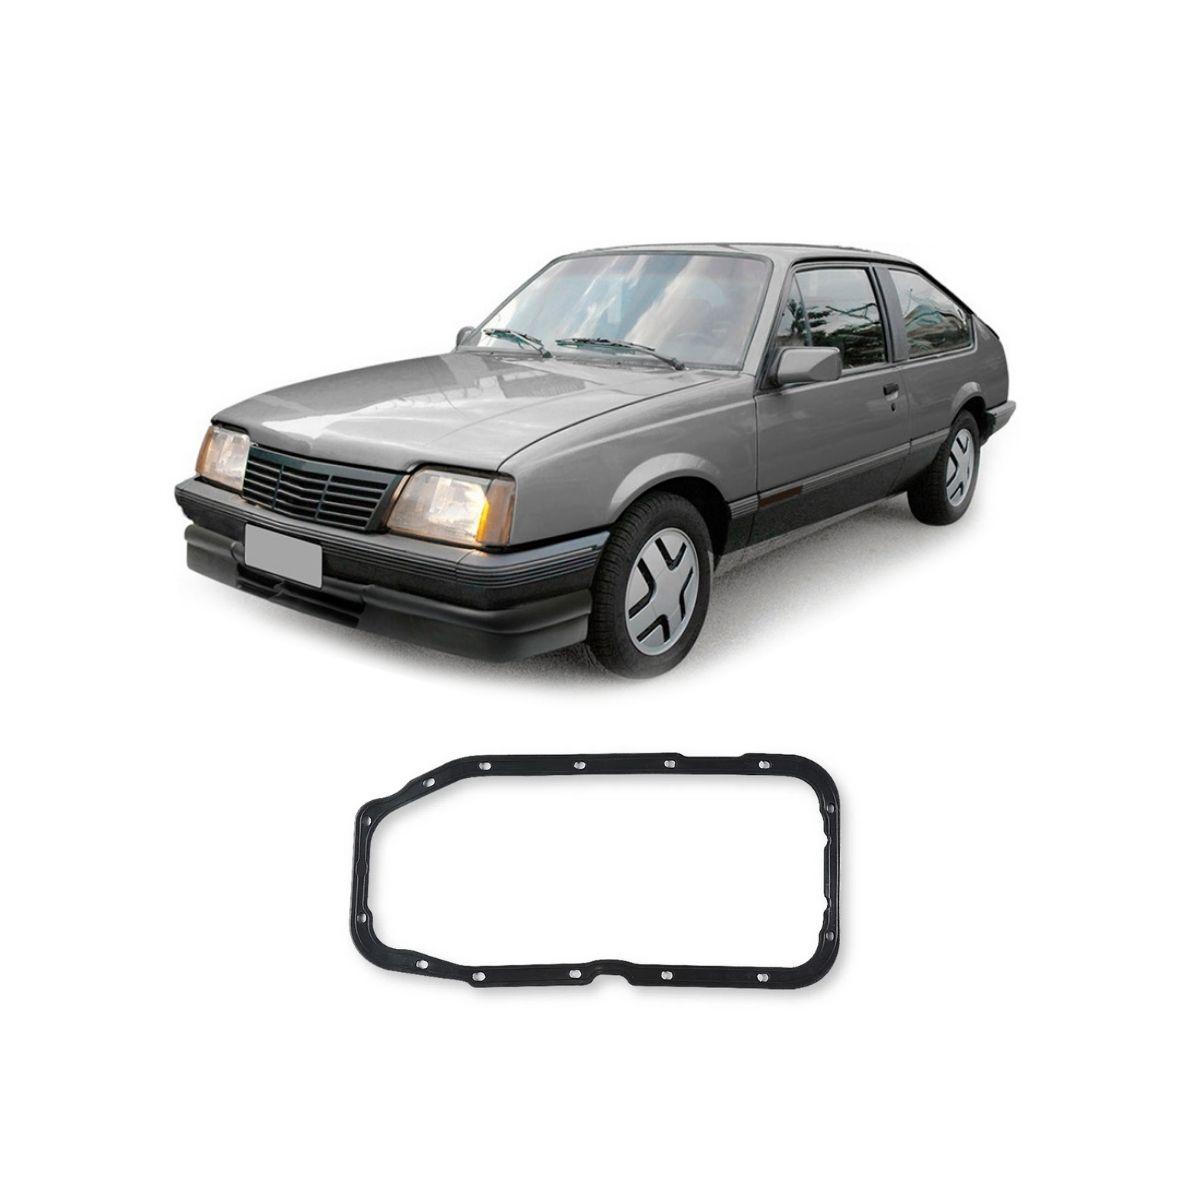 Junta Cárter Chevrolet Monza 1982/1986